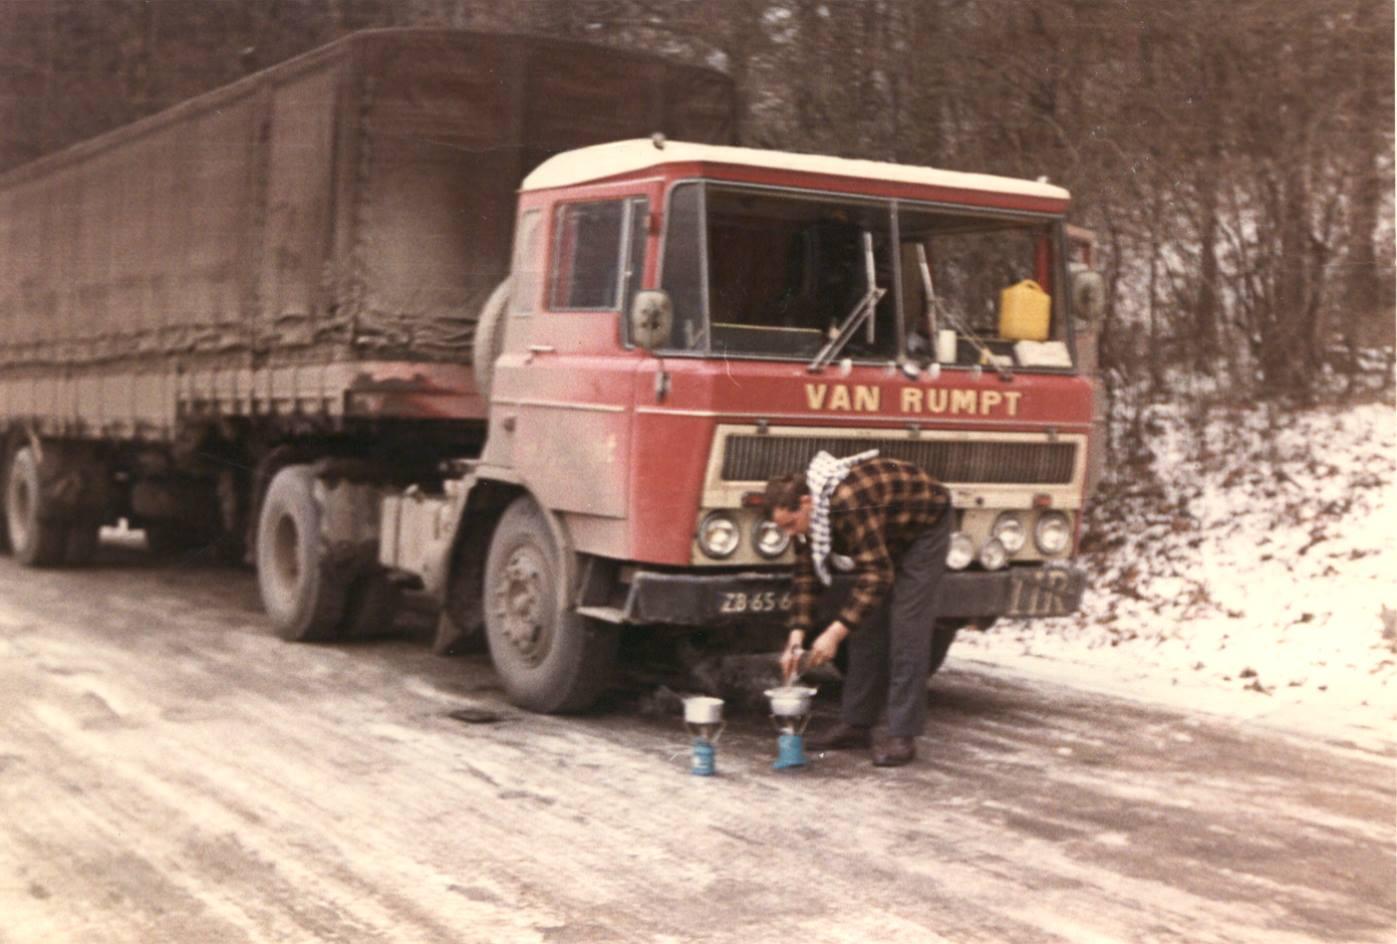 Dingeman-Geelhoed---1967-Oostenrijk-van-Rumpt-Stad-aan-het-Haringvliet-ZB-65-64--Voor-de-auto-Aren-Koningswoud--Dingeman-Geelhoed---was-de-chauffeur-op-deze-auto